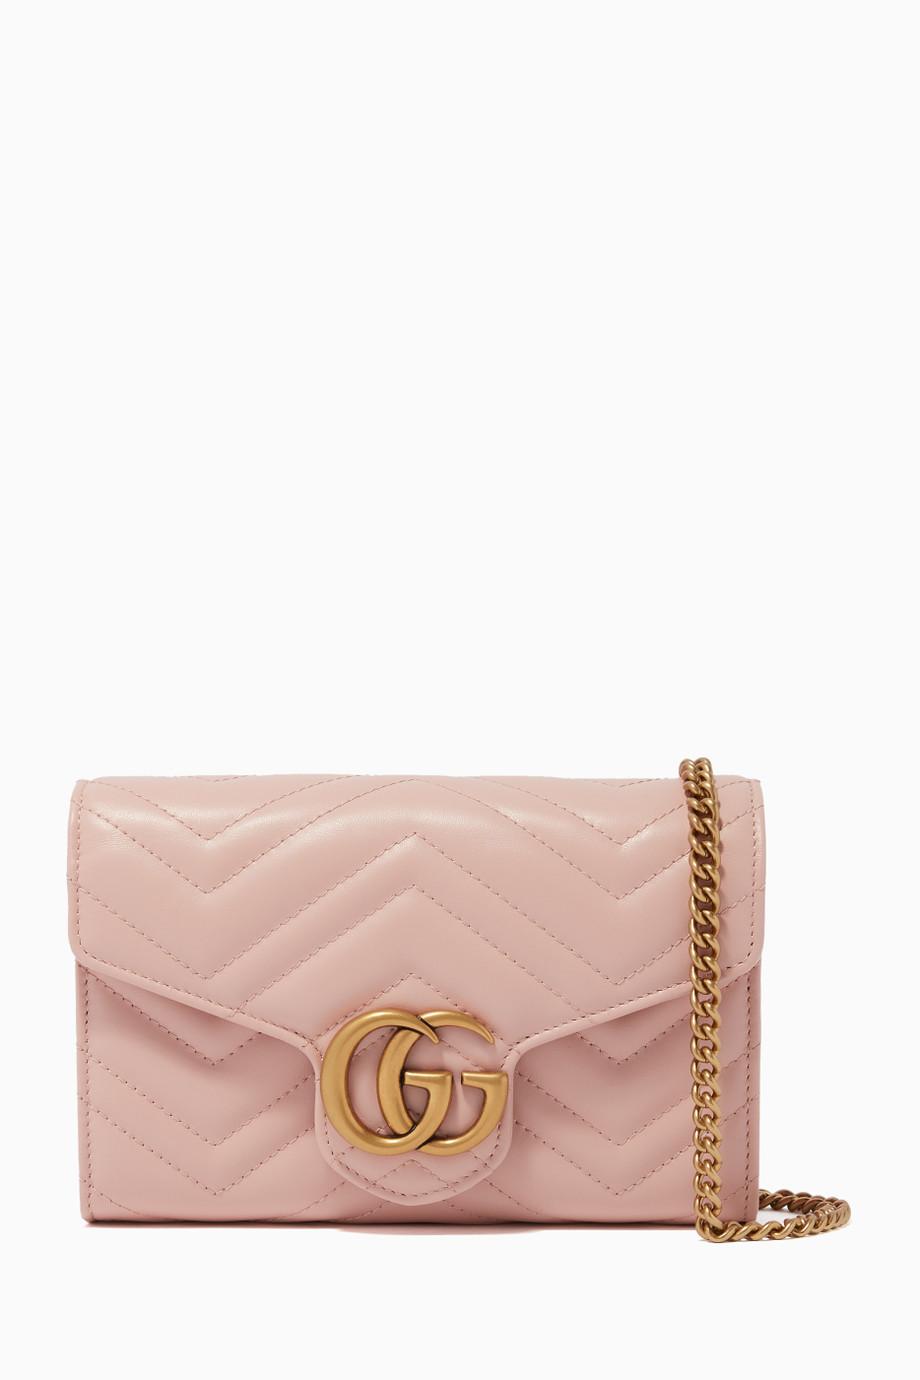 حقيبة بحجم صغير من Gucci